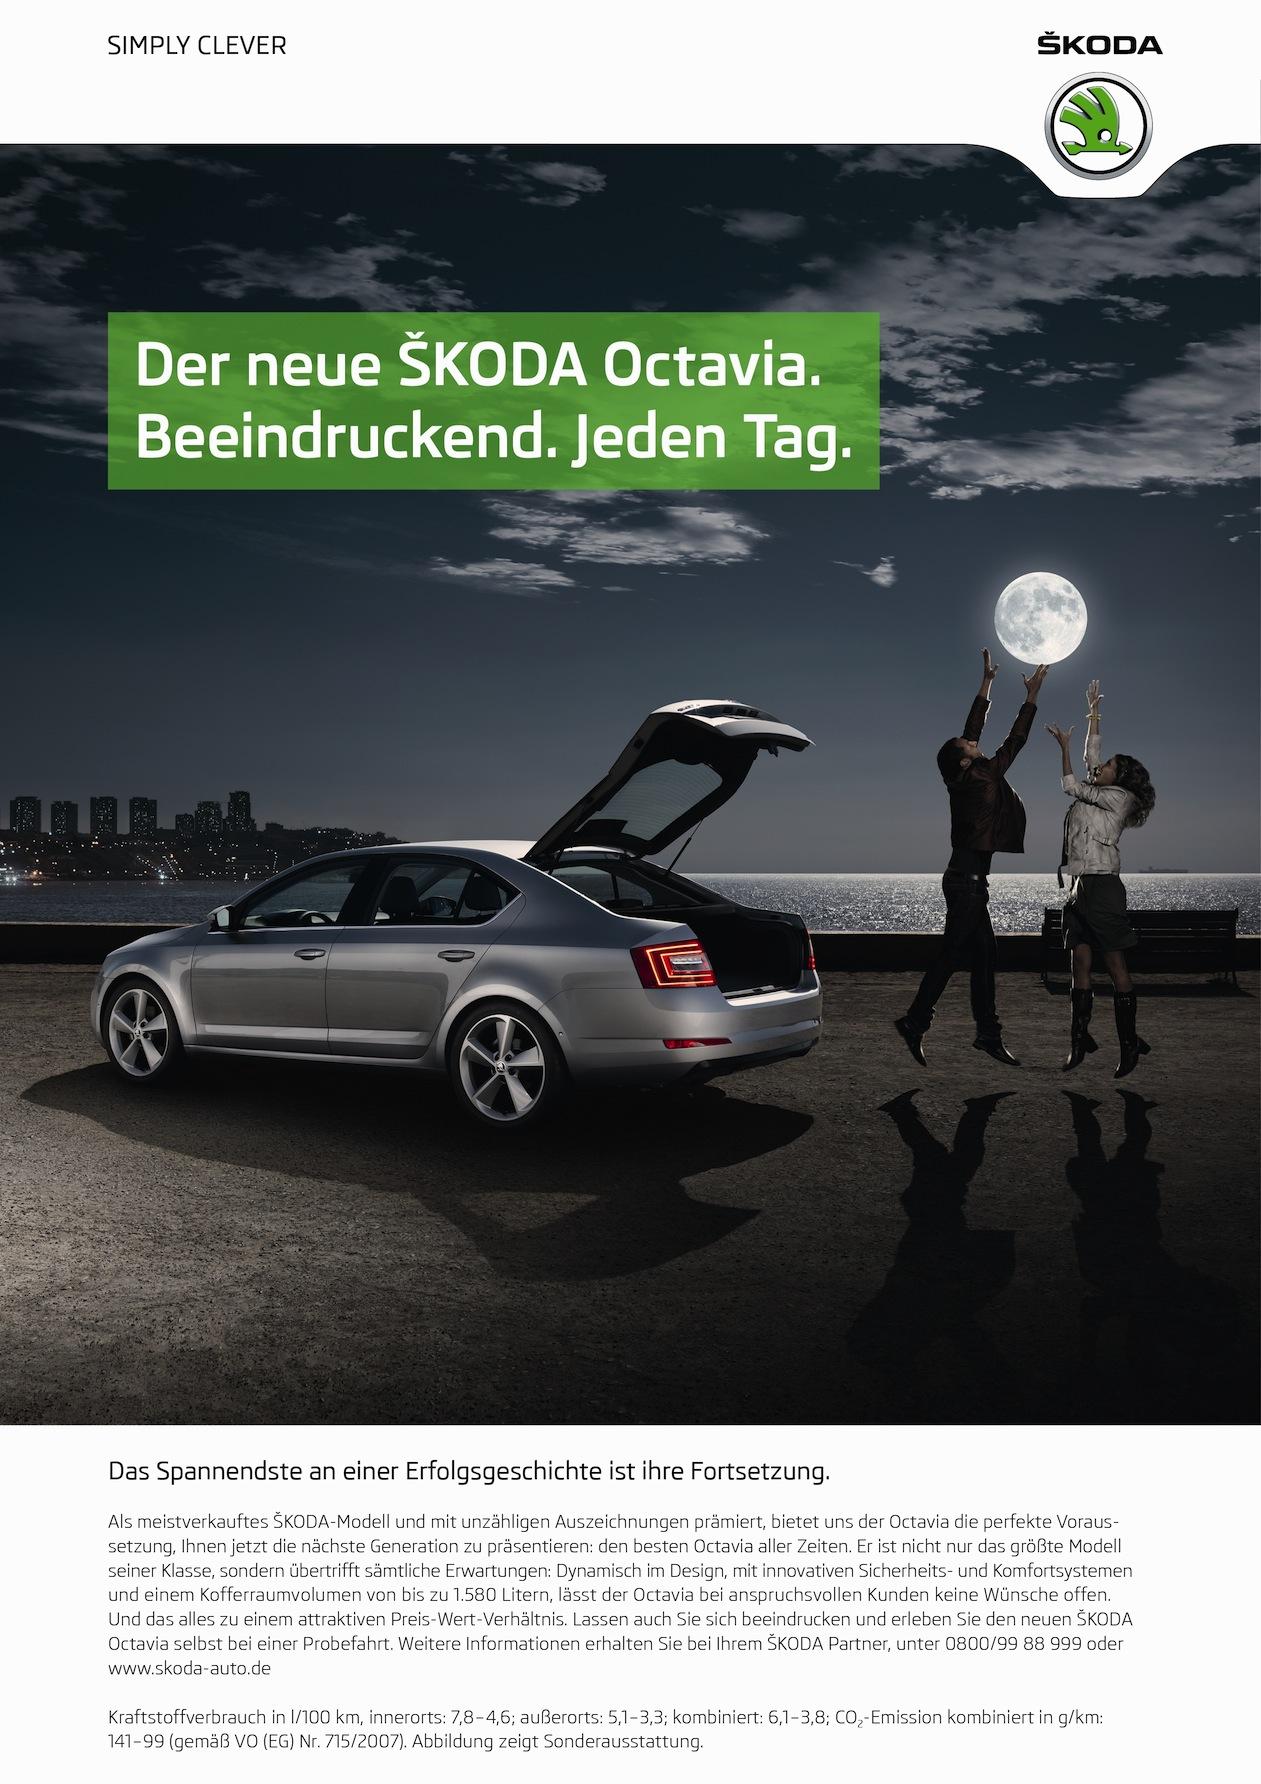 Die deutsche Octavia III Werbung